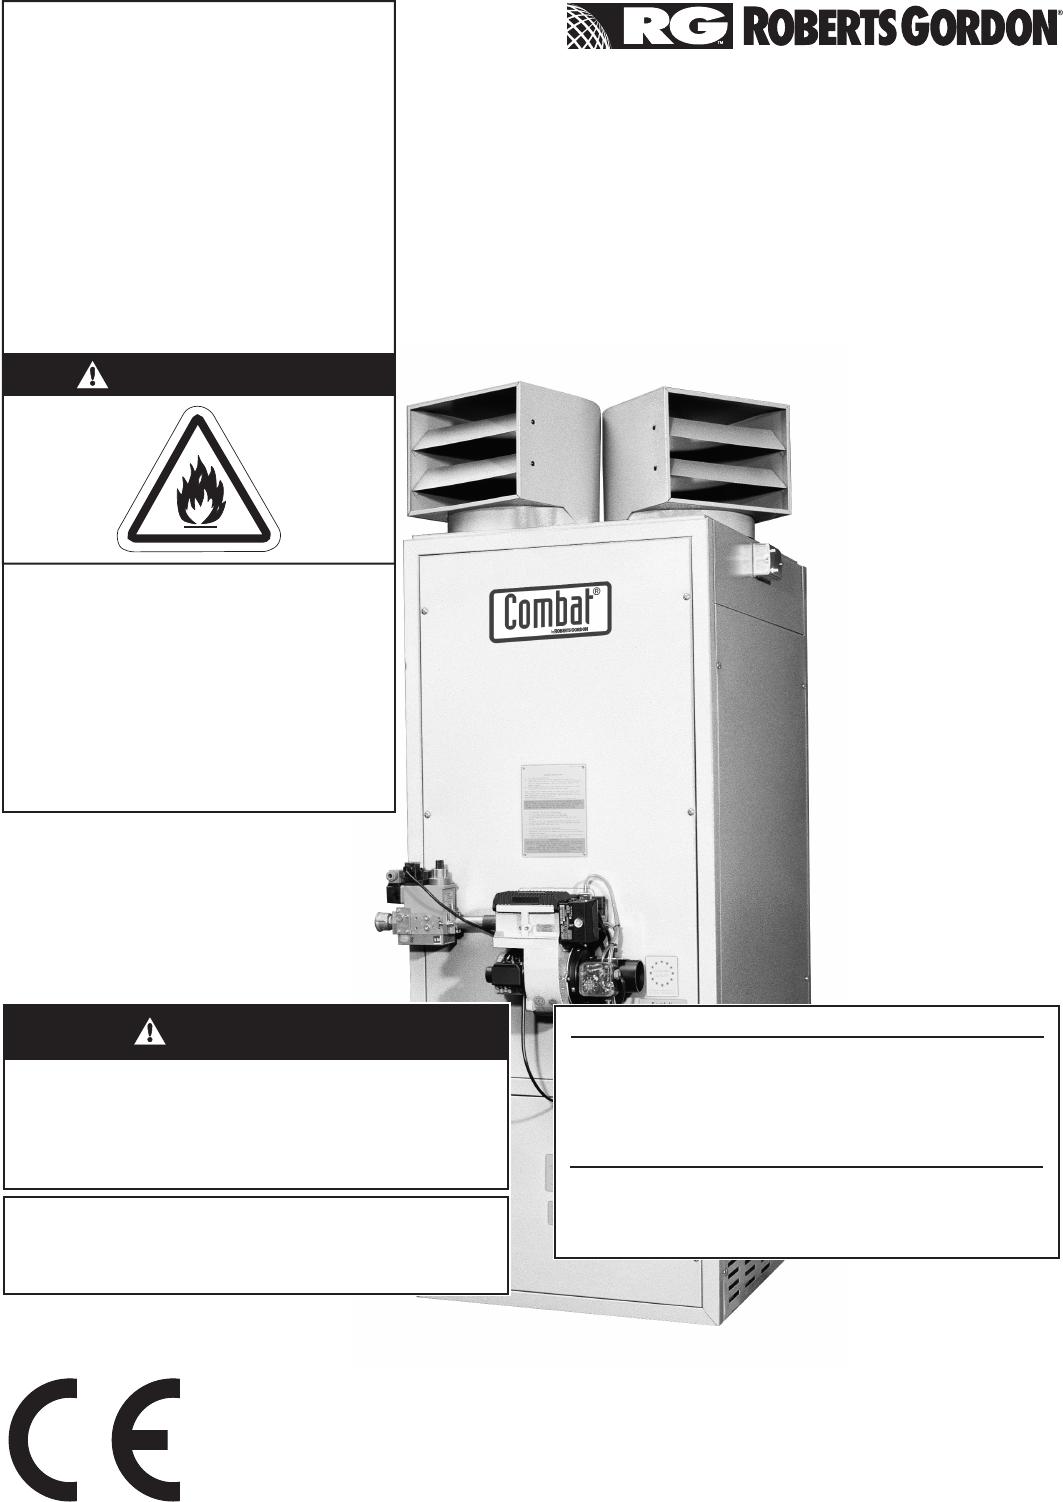 Roberts Gorden Combat Cabinet Heaters Pop Eca Pgp 015 To 0100 Users 1set Tr Hor Demper Dan Reg Manual Cch Heater Ios